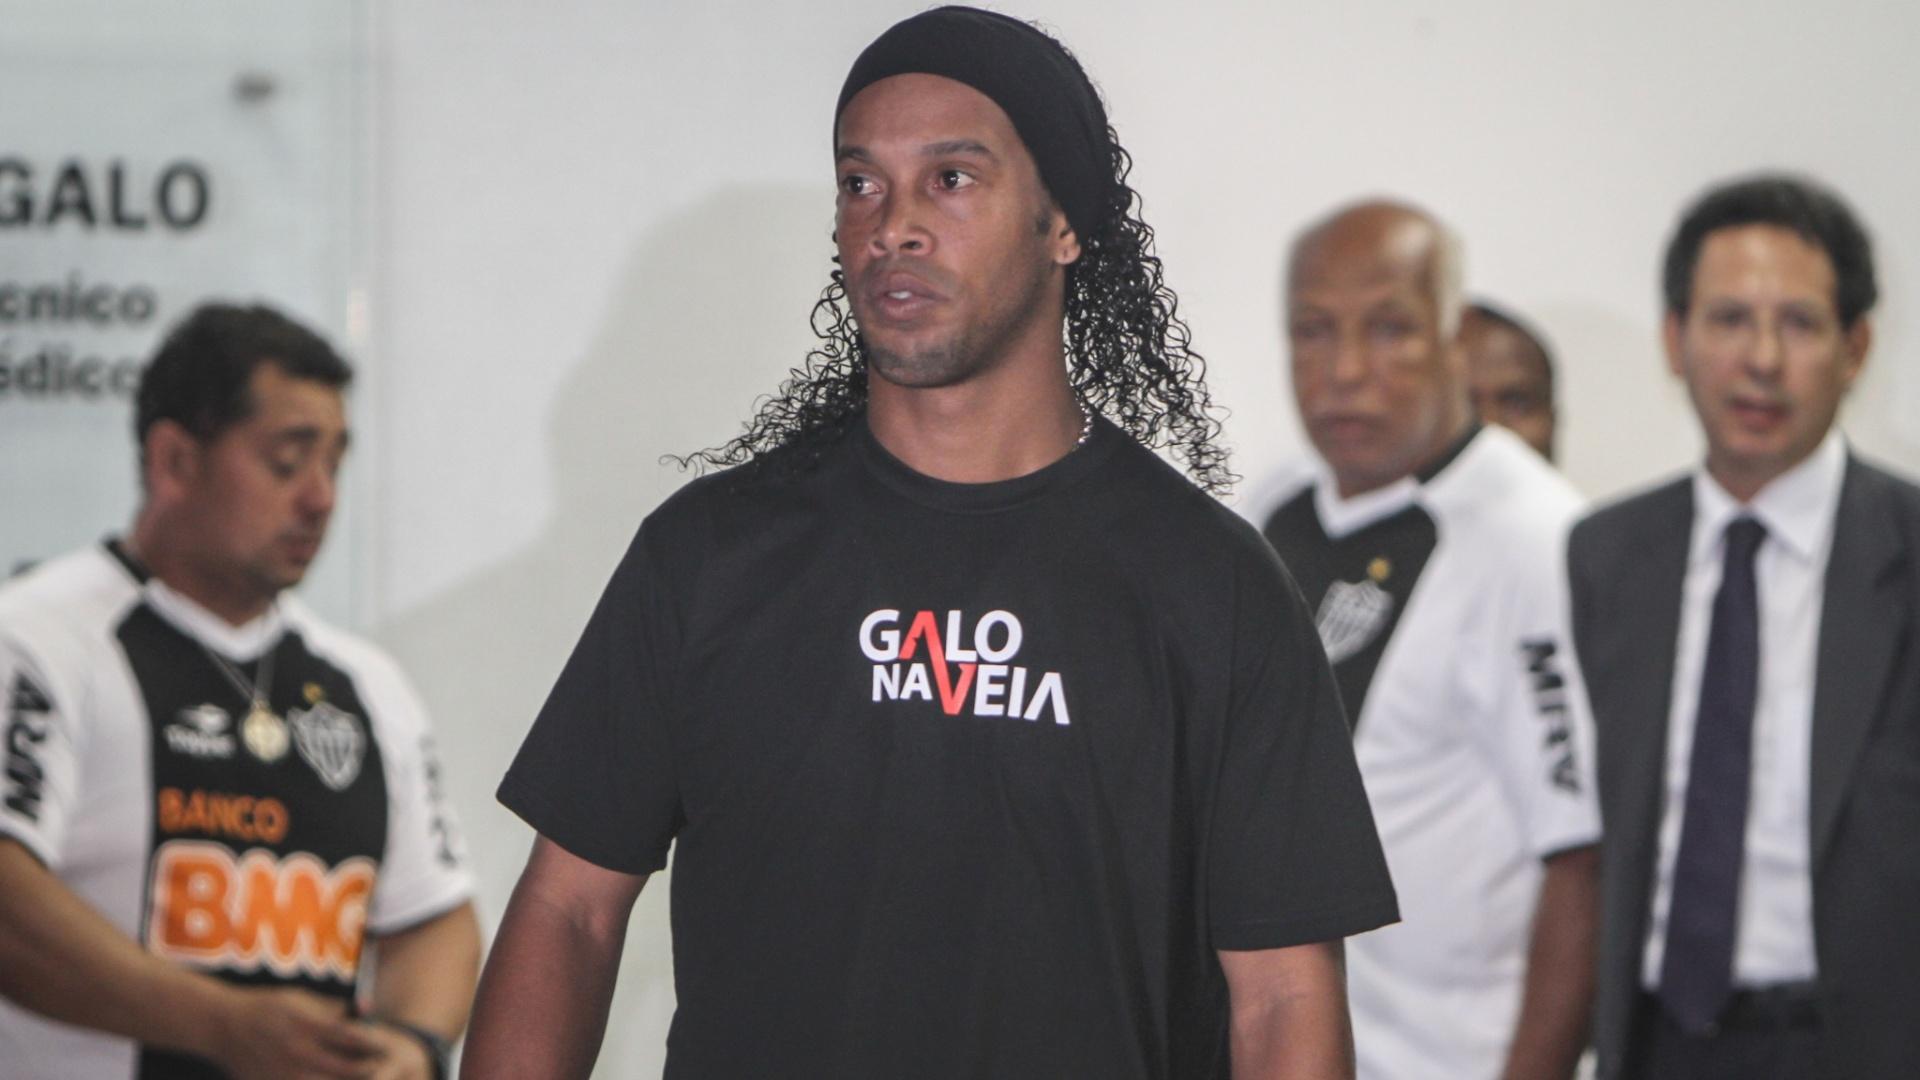 Ronaldinho usa uma camisa com os dizeres 'Galo na veia' em seu primeiro dia no Atlético-MG